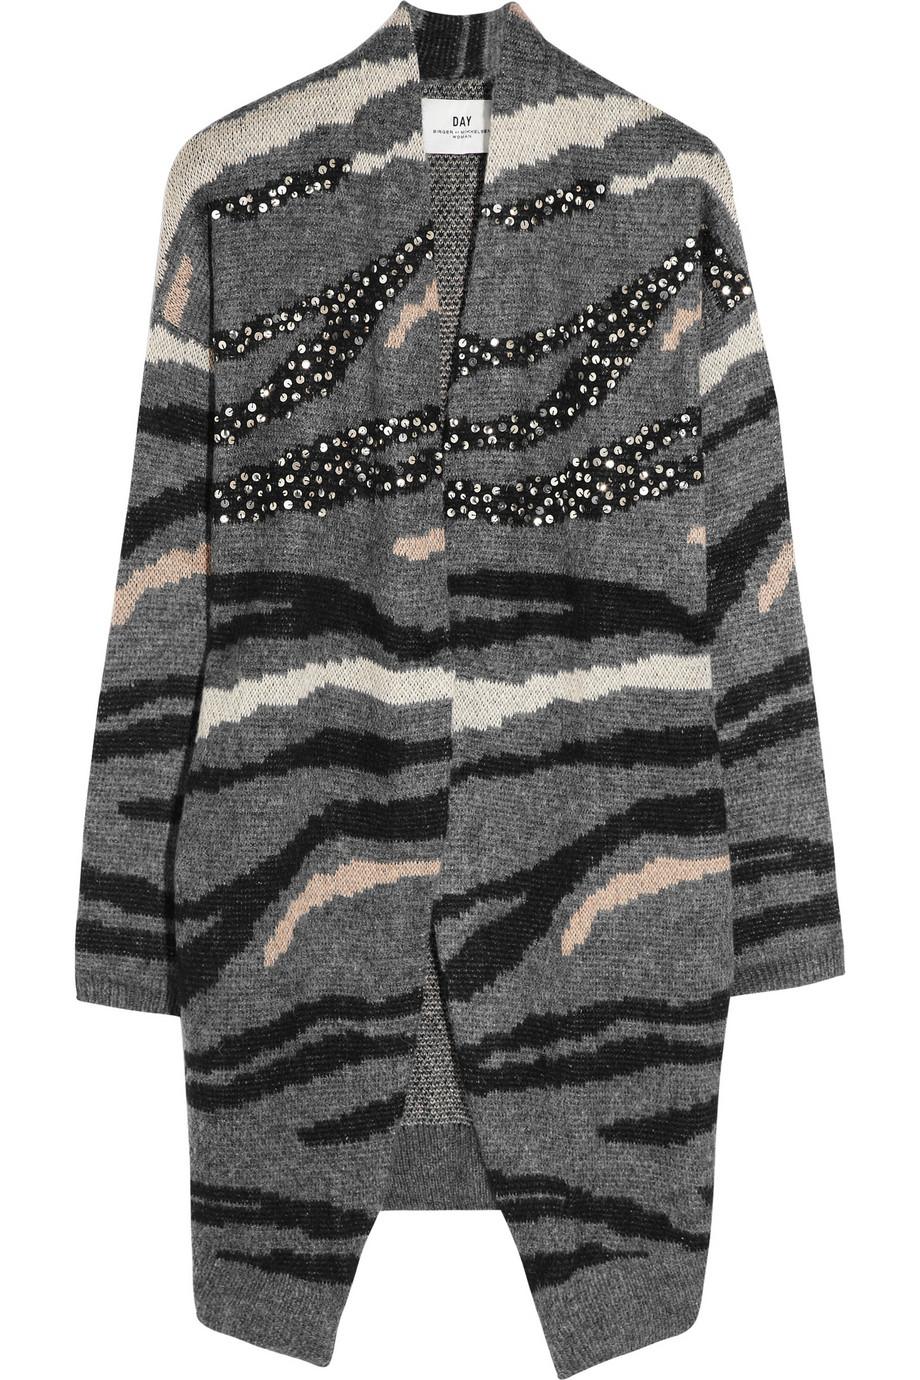 lyst day birger et mikkelsen tiger intarsia knitted cardigan in gray. Black Bedroom Furniture Sets. Home Design Ideas